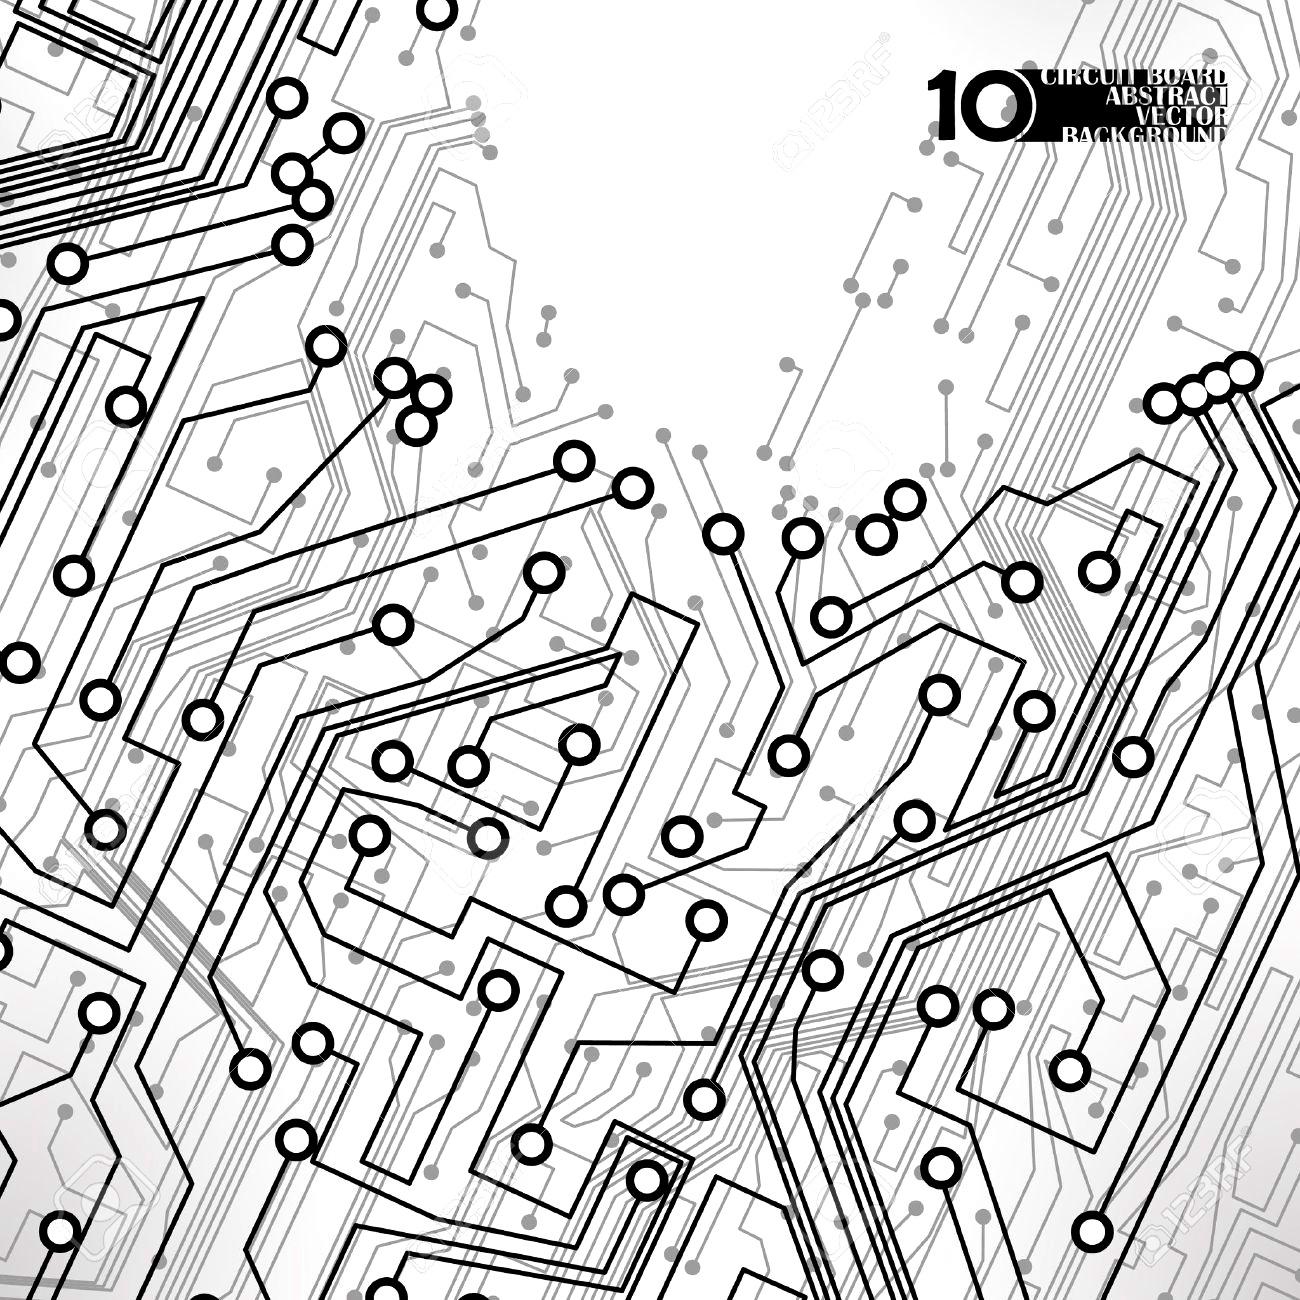 circuit board cutter